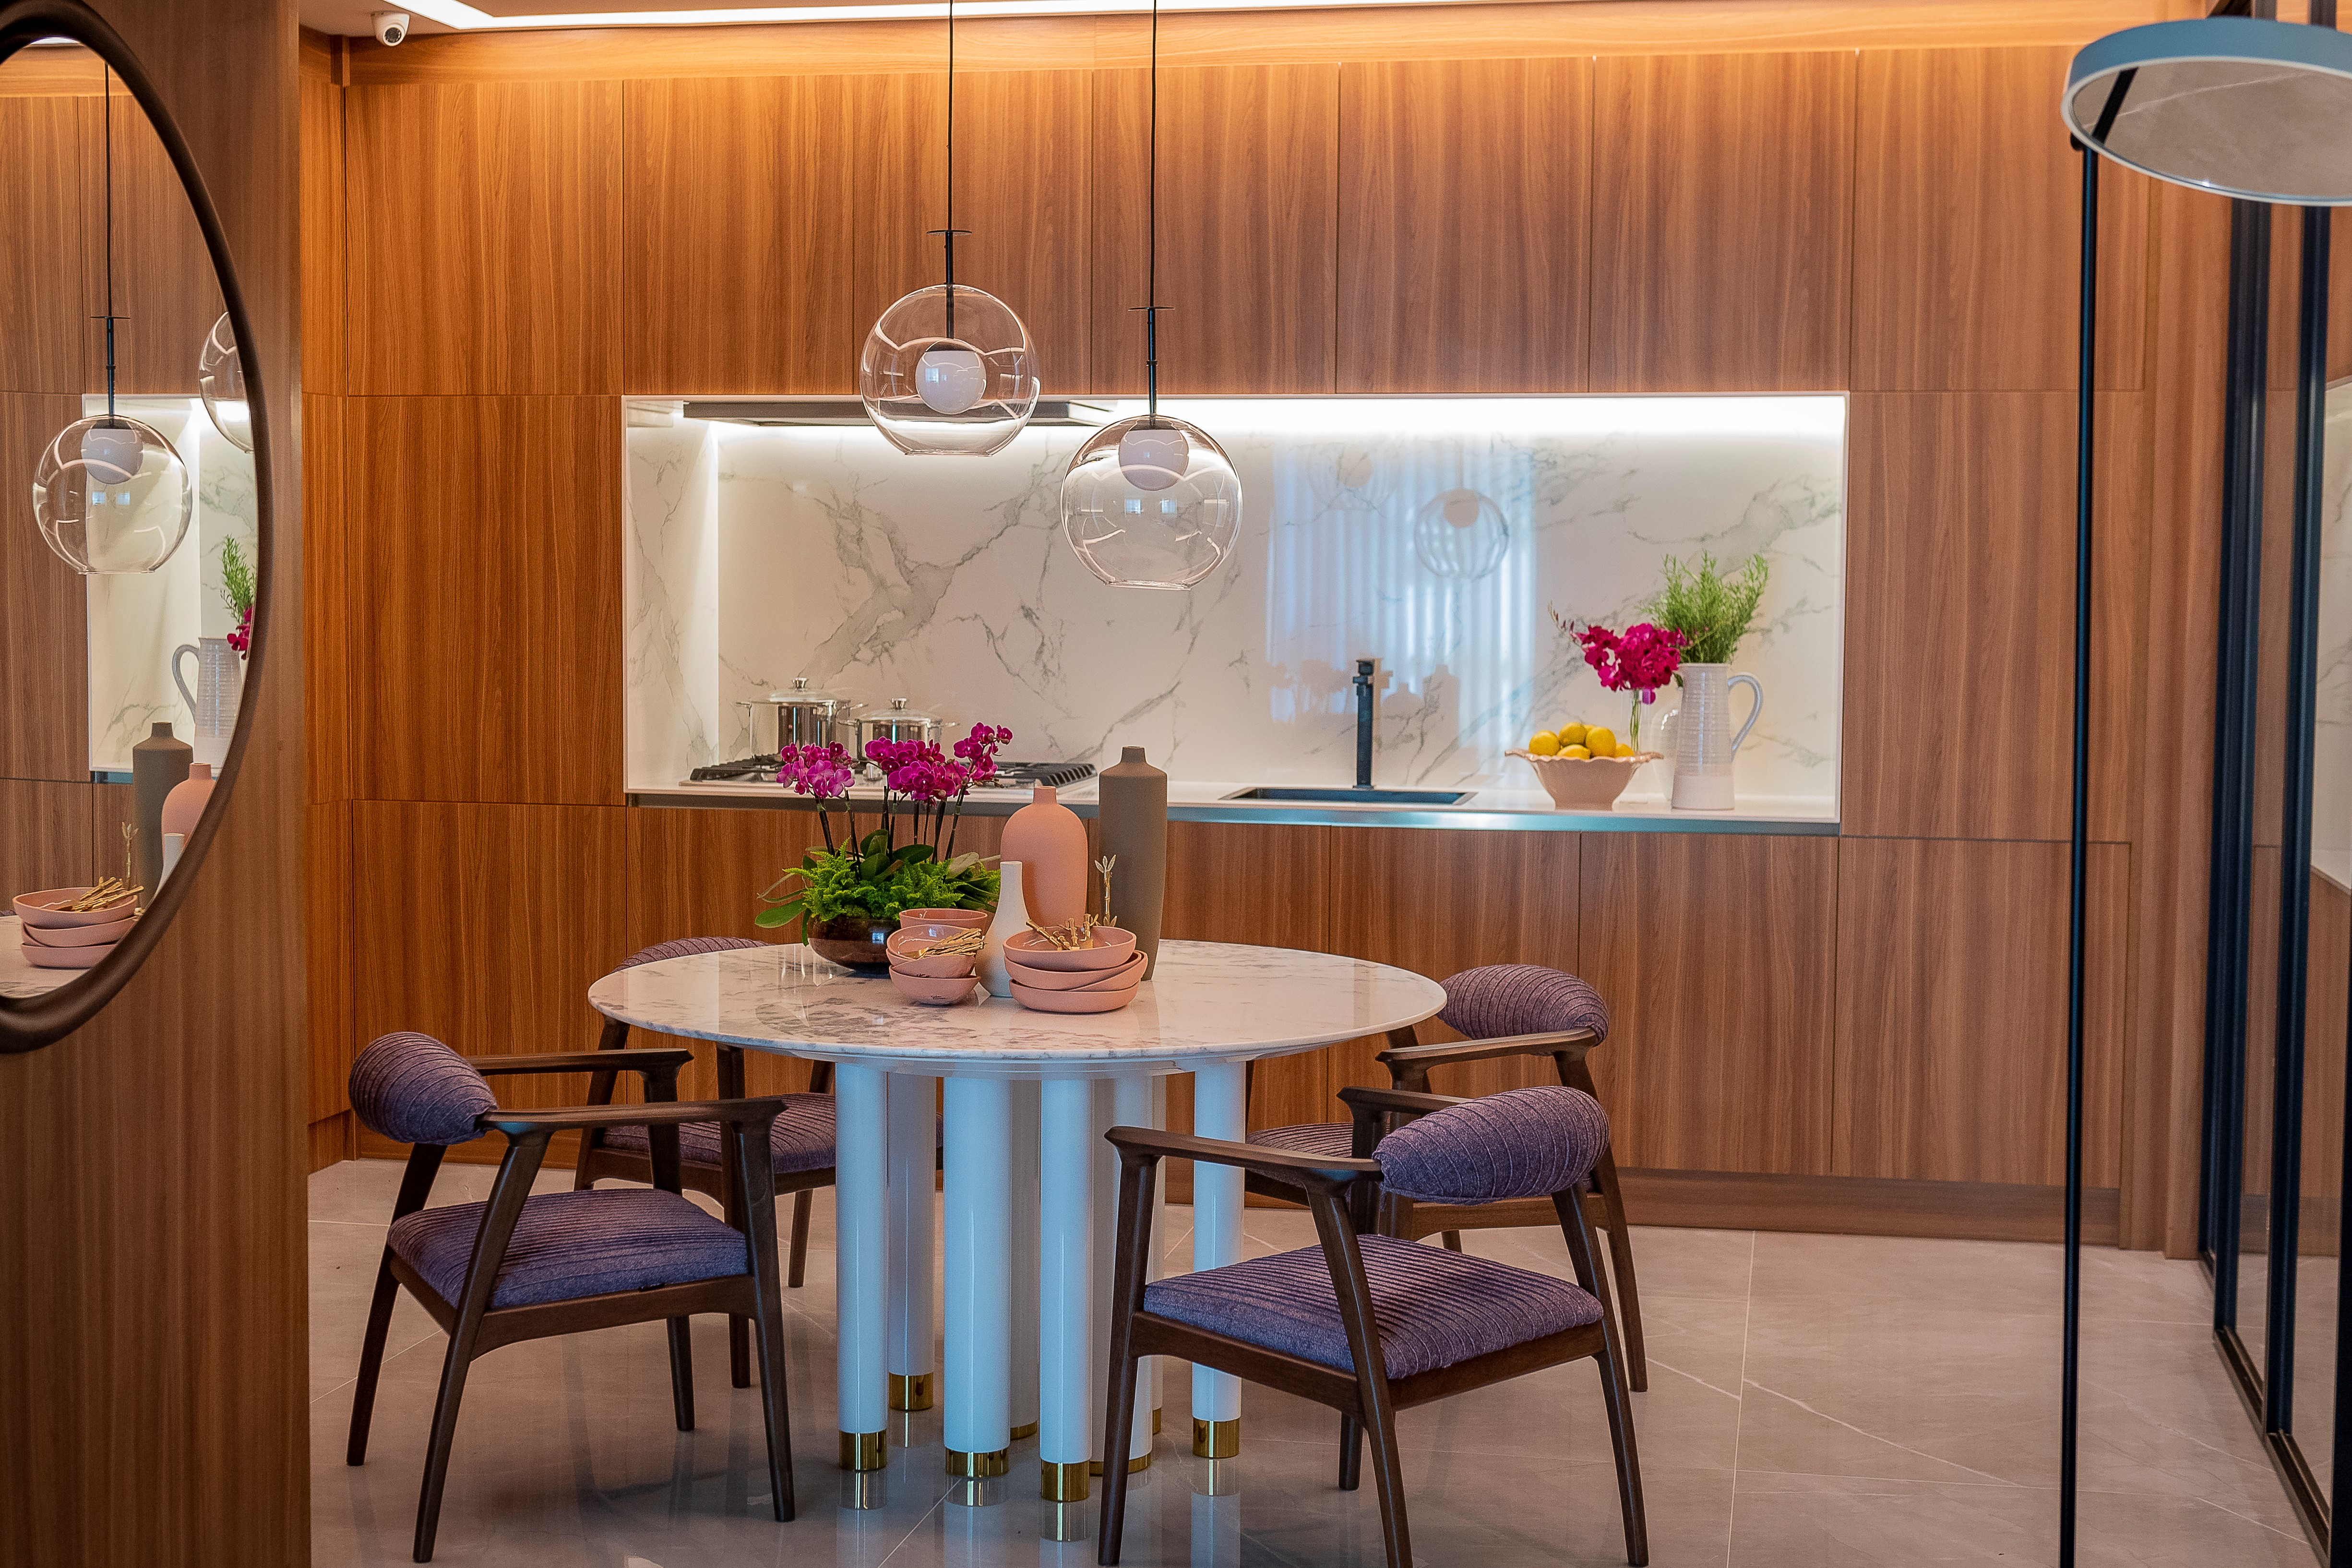 Patrícia Hagobian no CASACOR 2019. Living com revestimento de porcelanato com efeito madeira nas paredes, e porcelanato com efeito cimento neutro. Mesa e cadeiras elegantes.